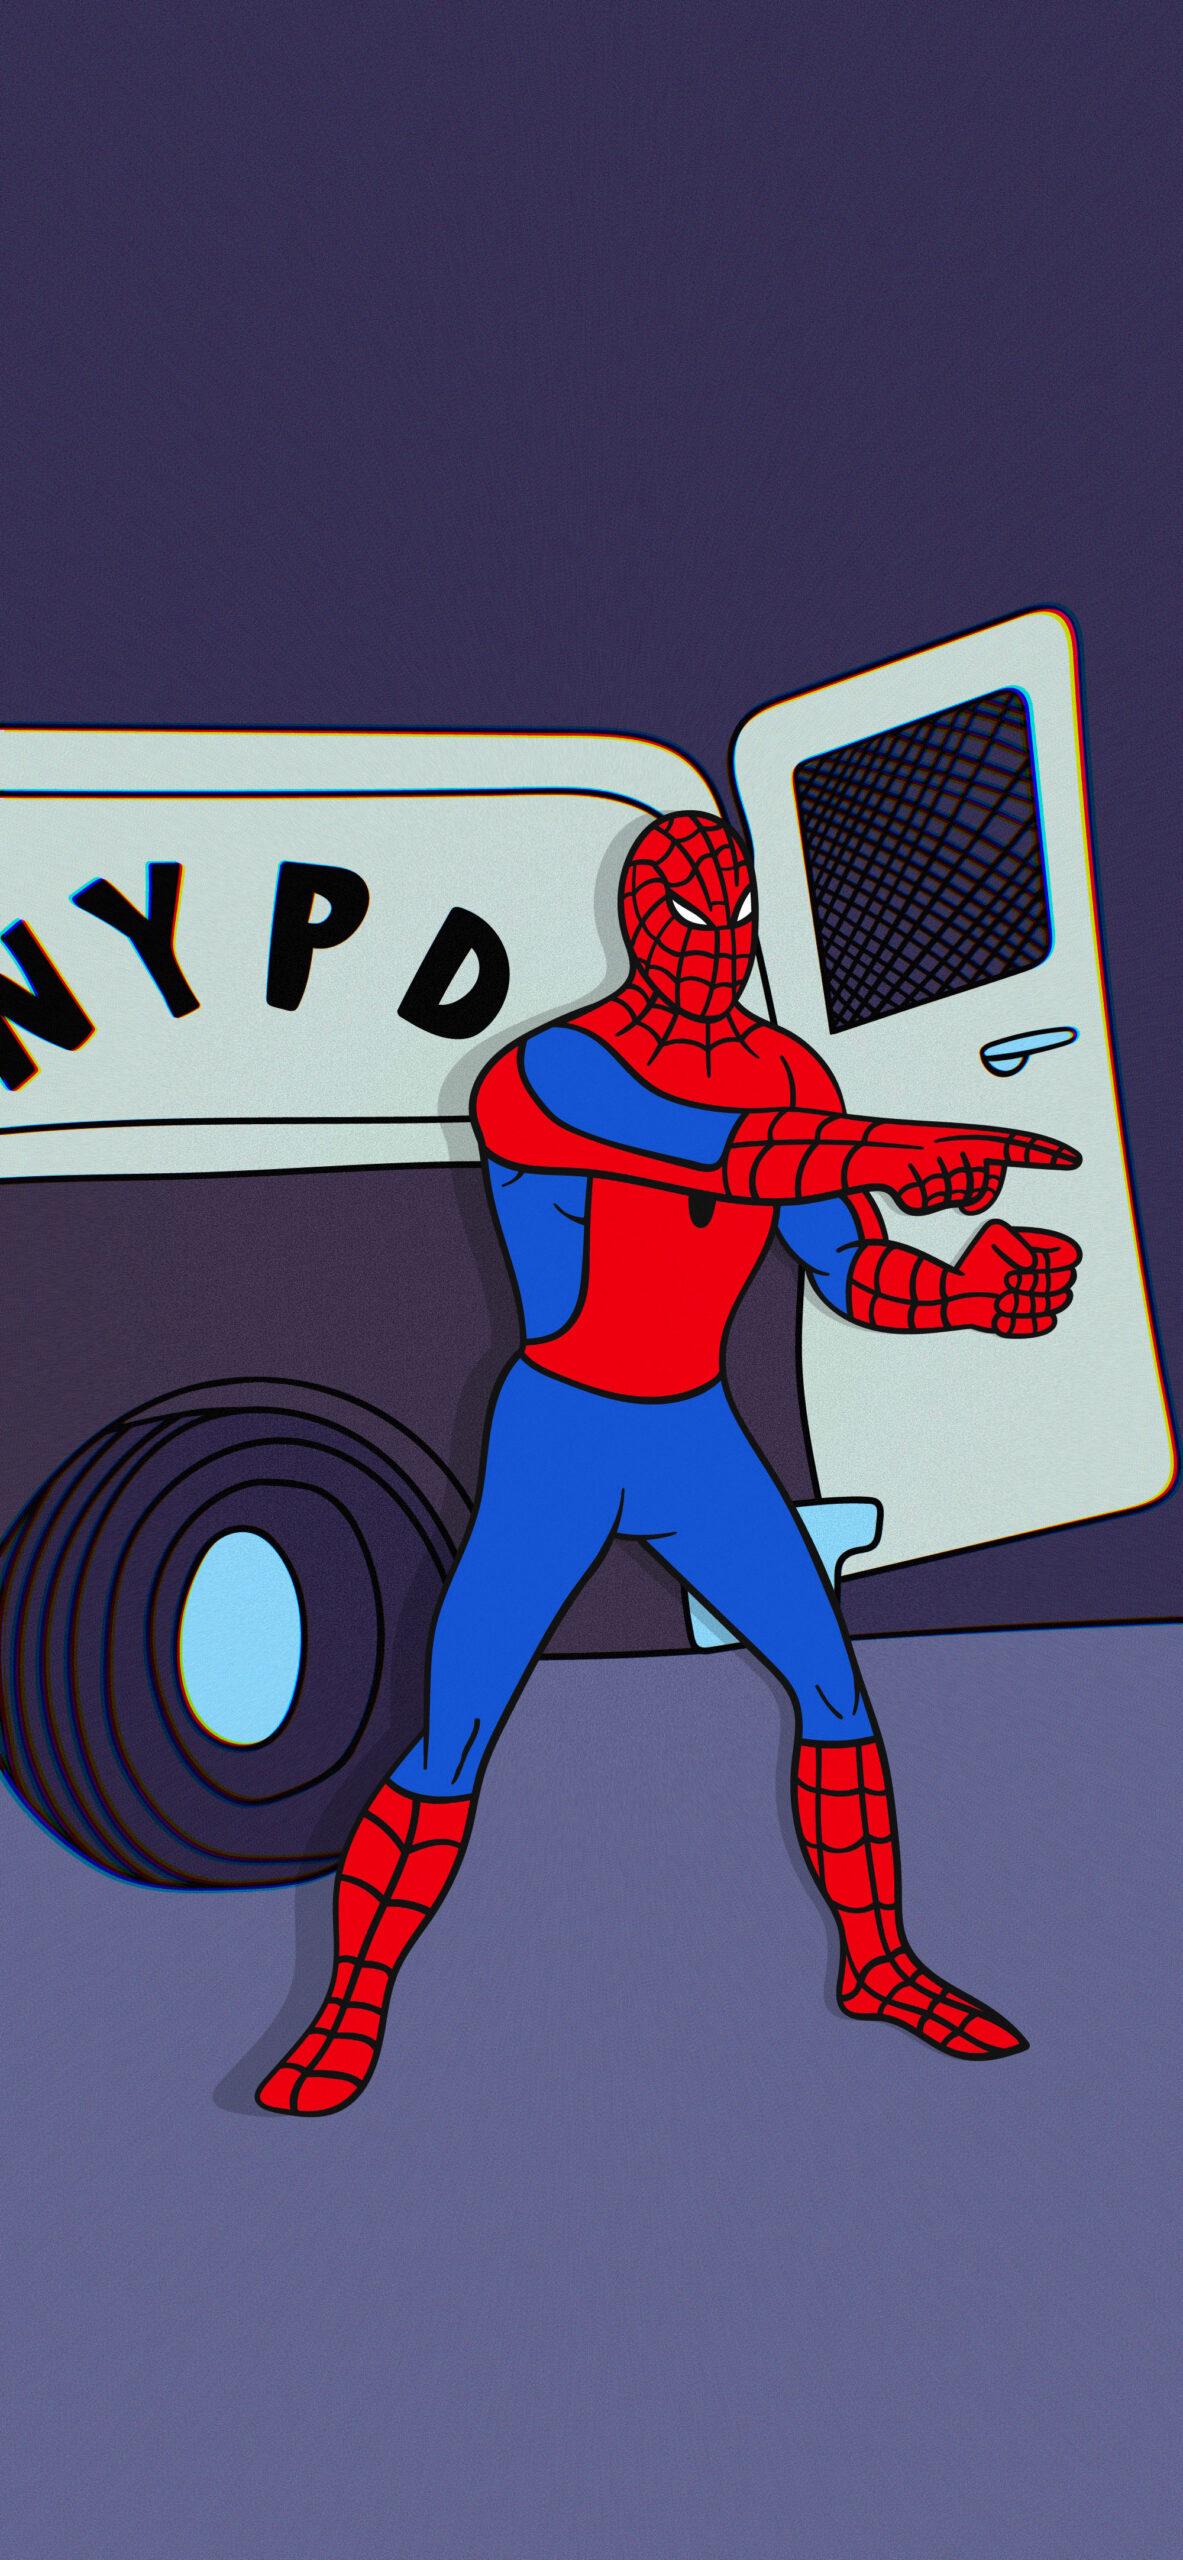 spider man pointing spider man meme wallpaper